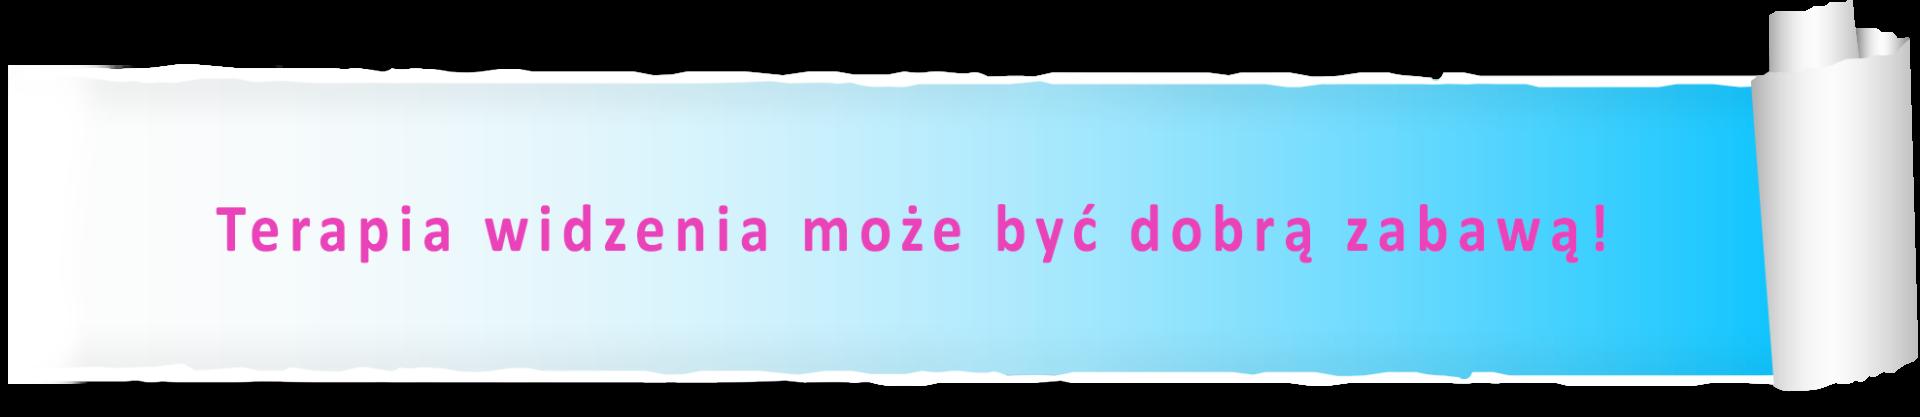 rulon-terapia-widzenia-moze-byc-dobra-zabawa_(1)